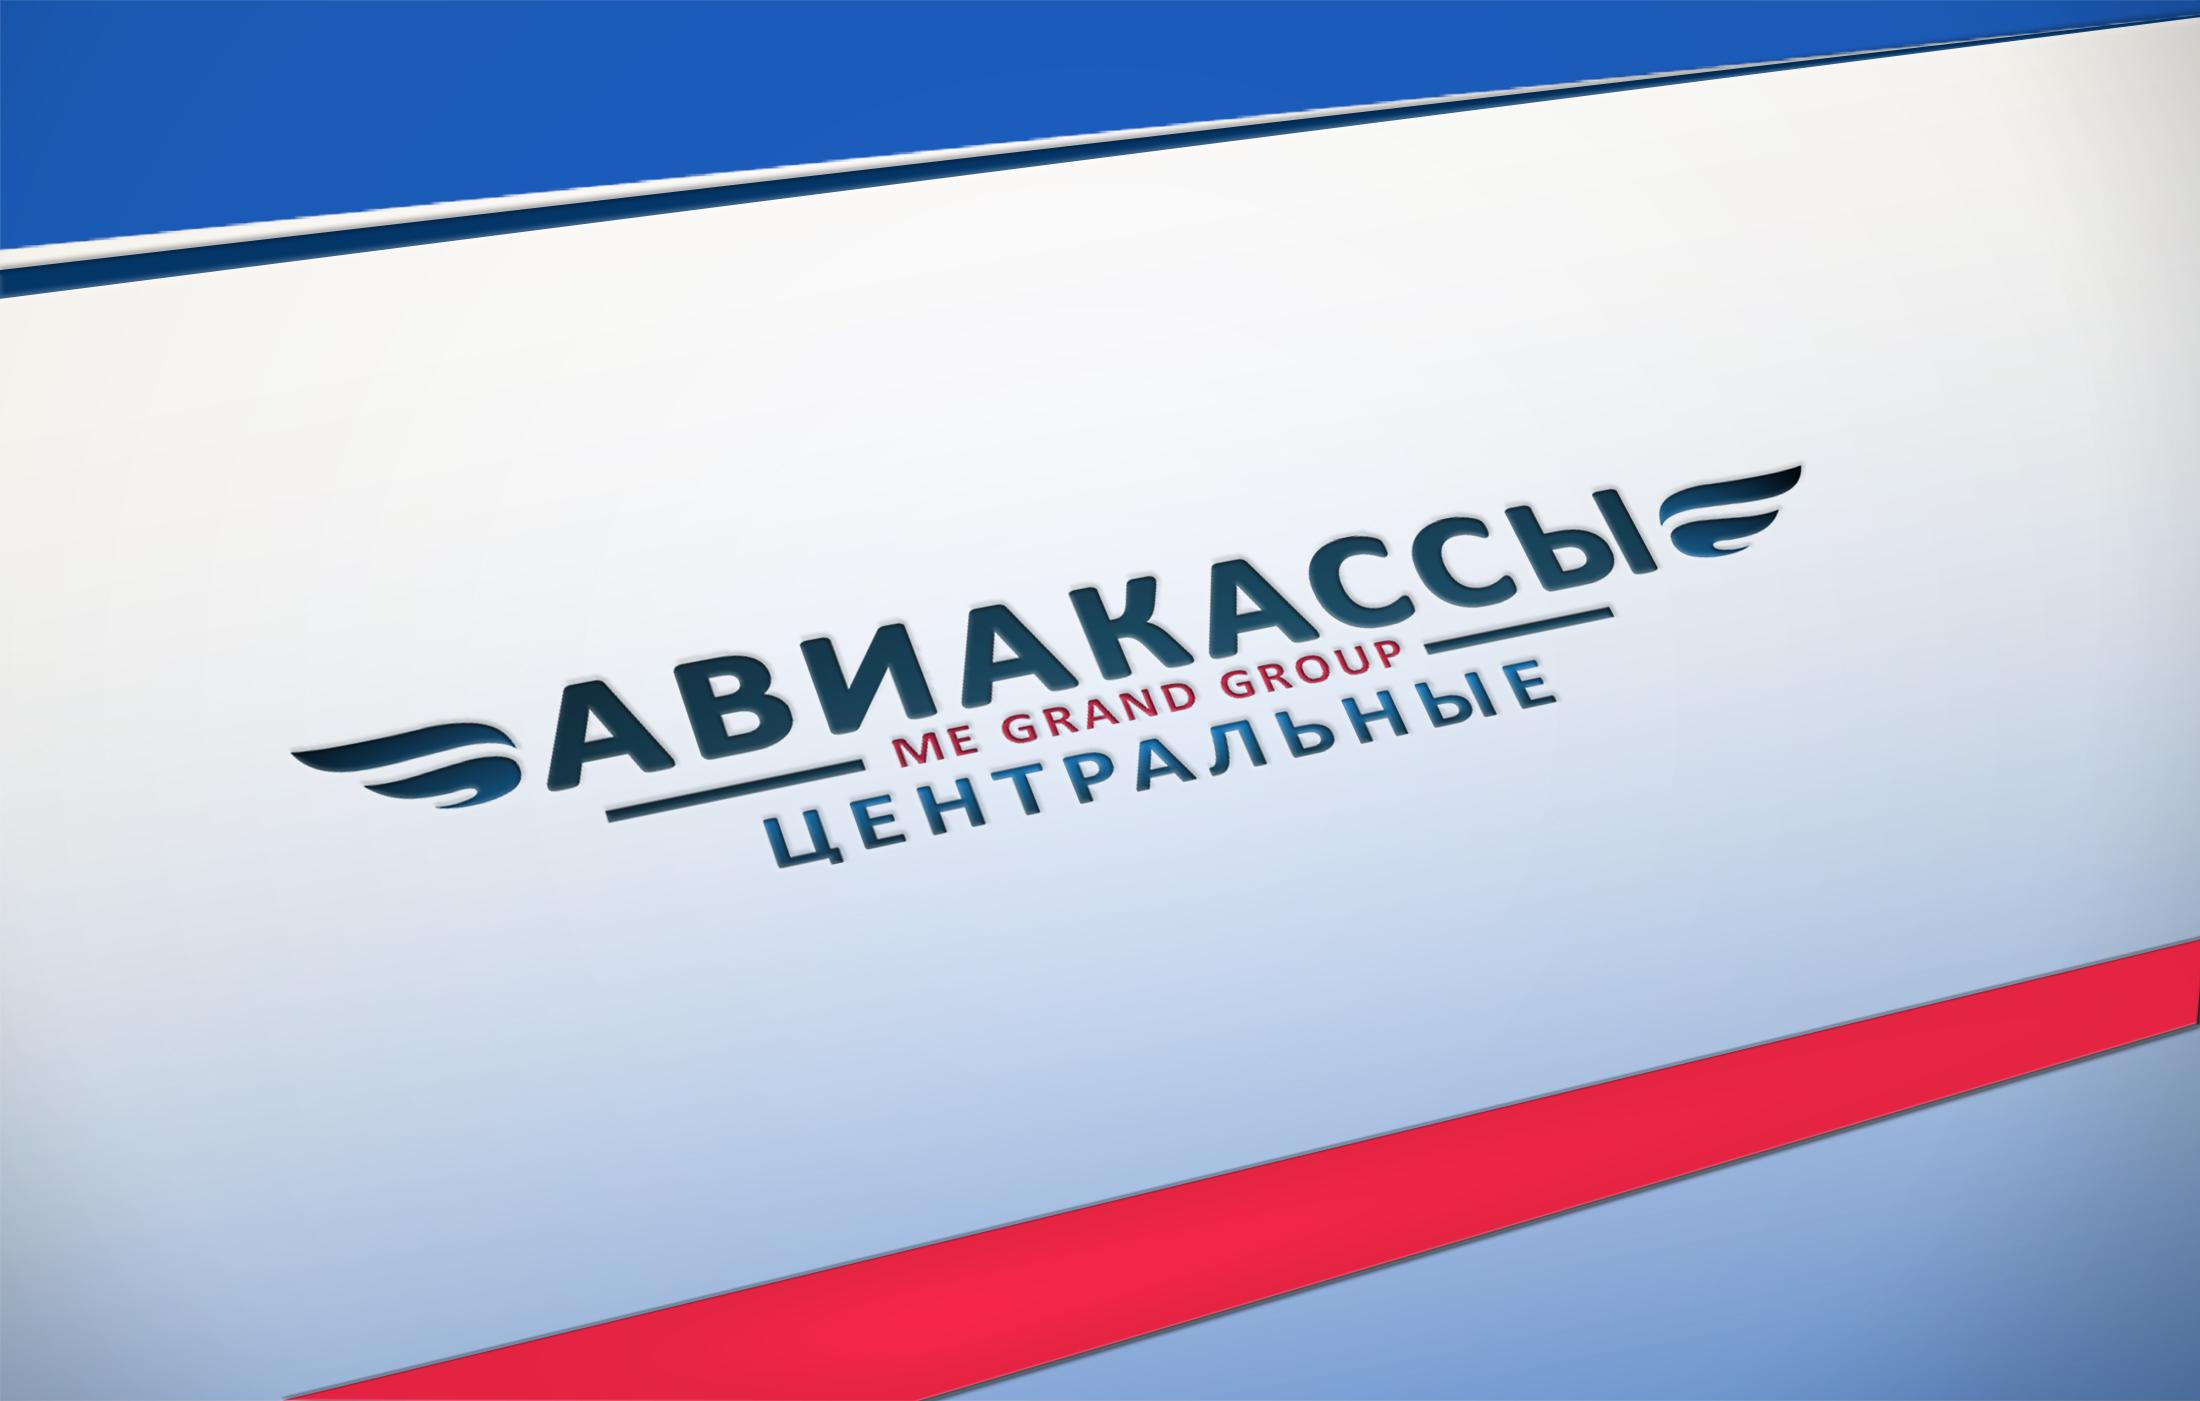 Разработка логотипов и фирменного стиля  фото f_9405d05576043087.jpg